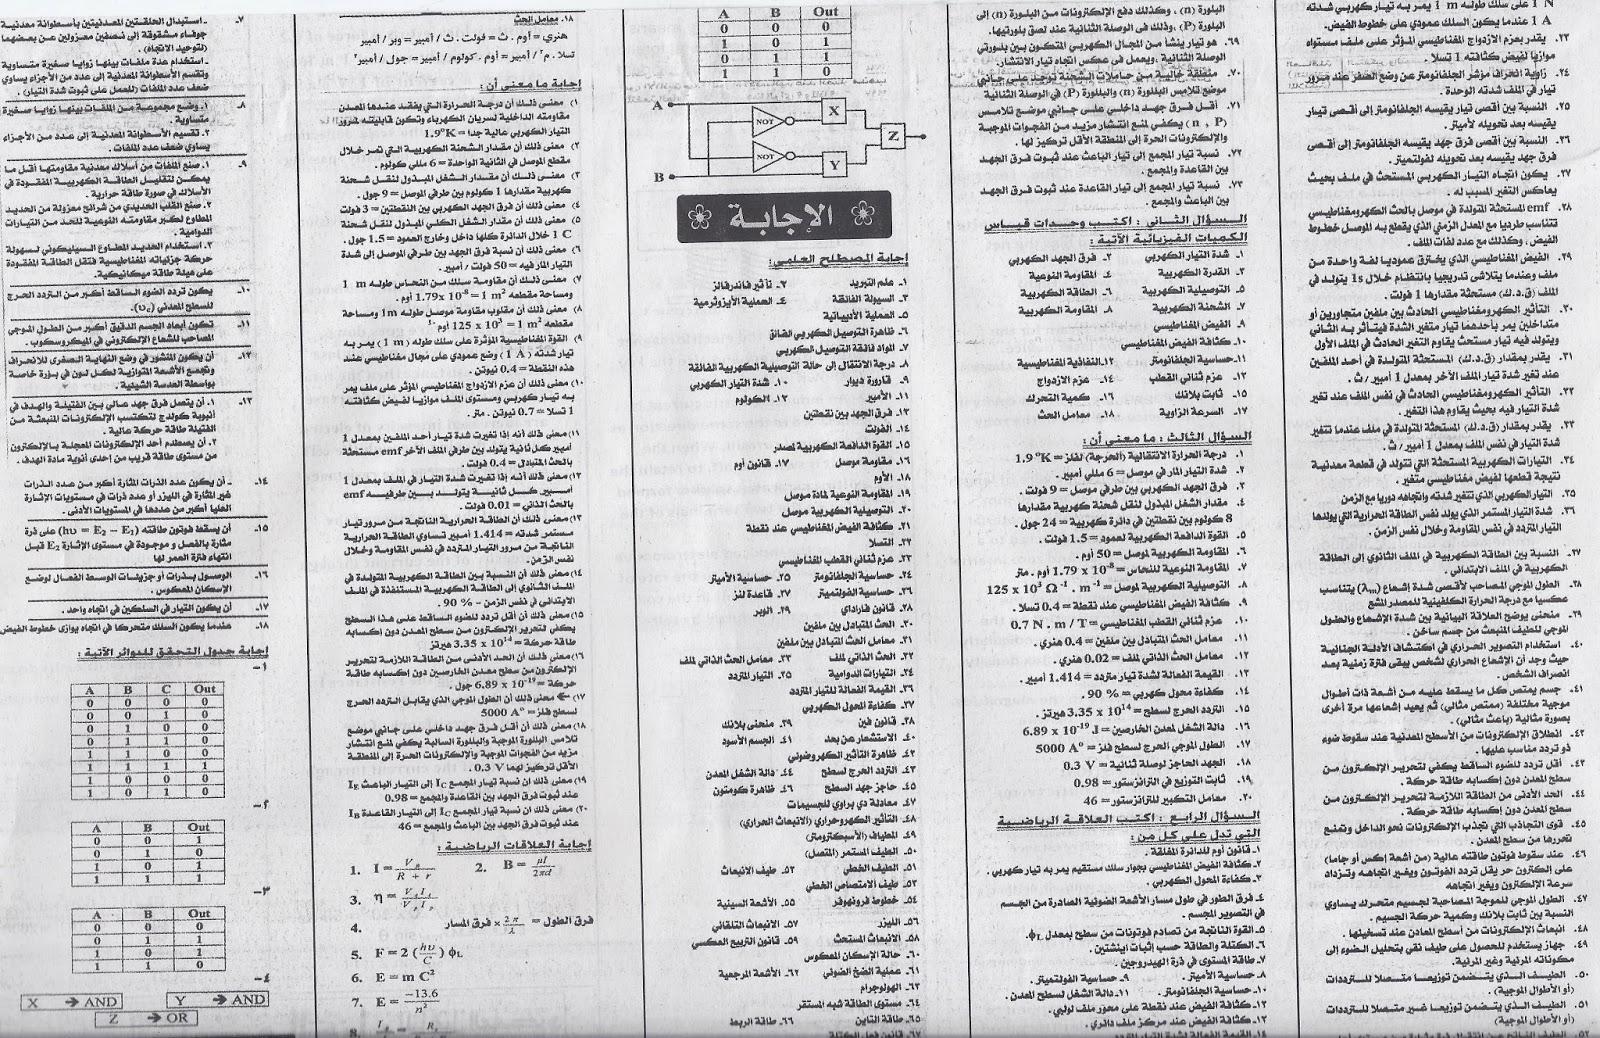 نشر اول واقوى مراجعة فيزياء من اربع مراجعات ينشرها ملحق الجمهورية للثانوية العامة 2015 Scan0013